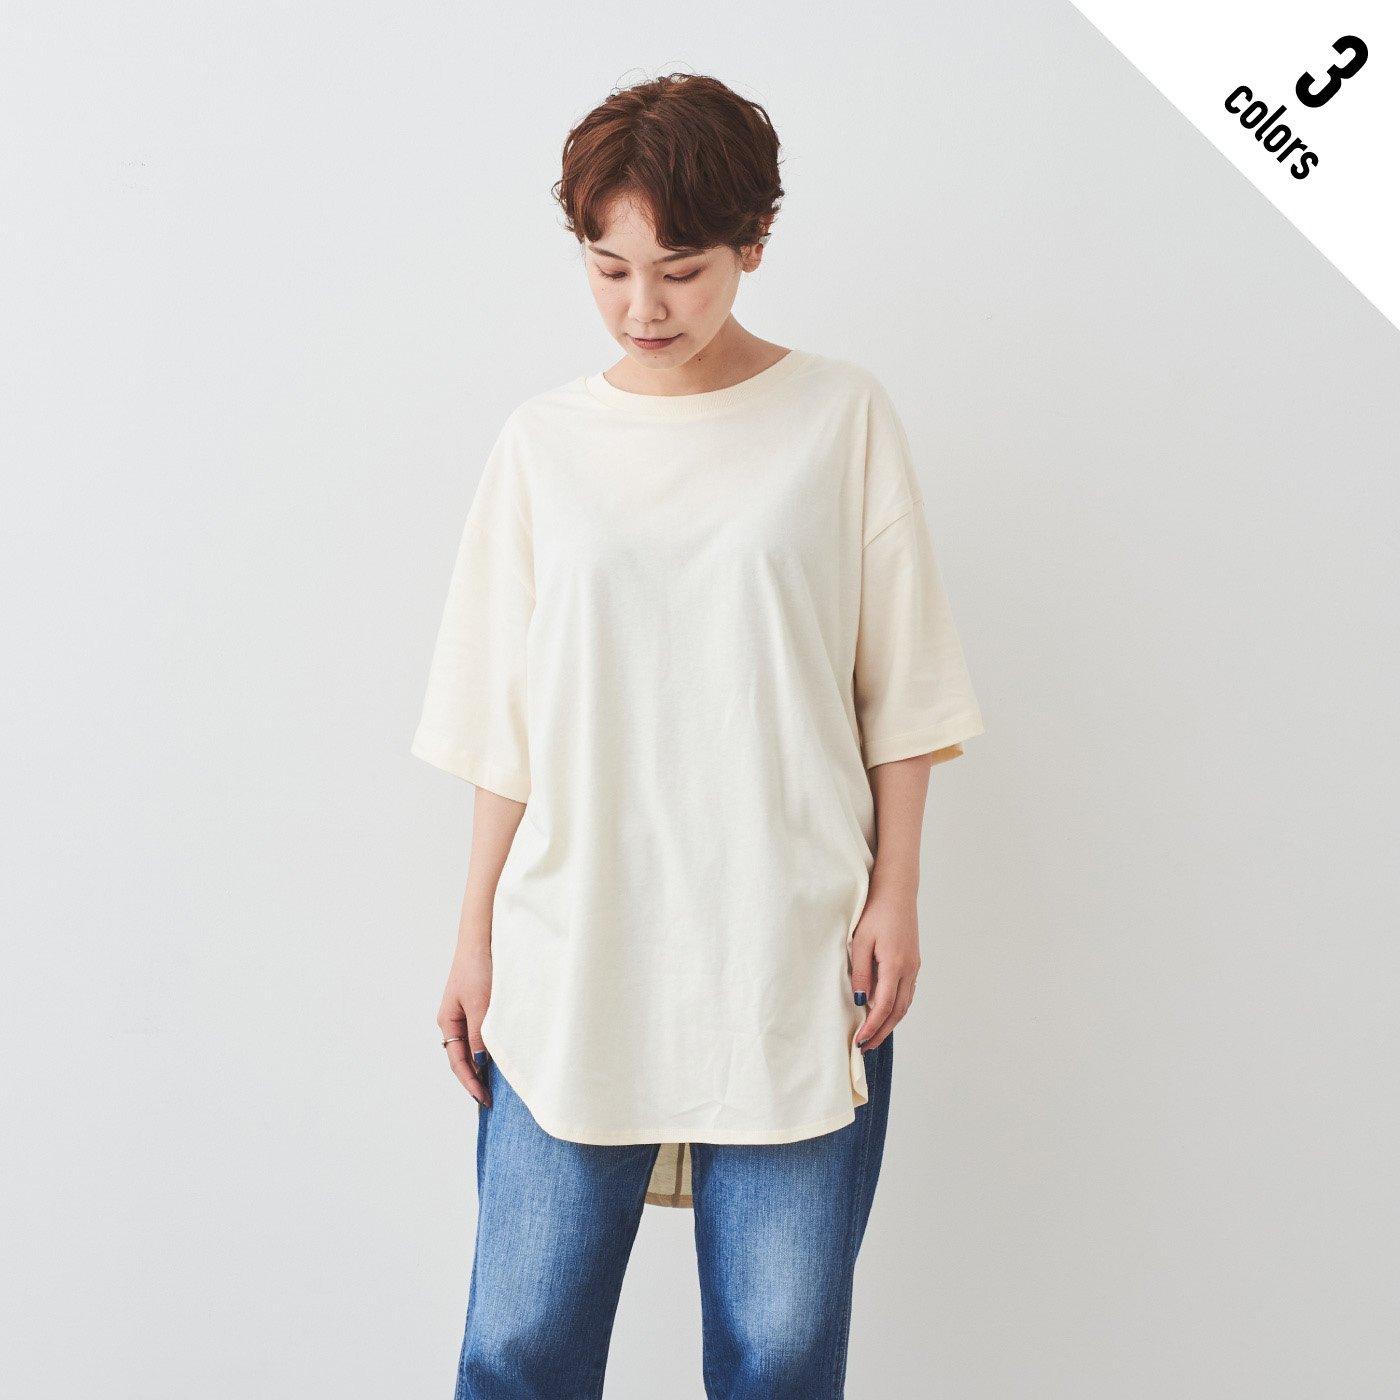 MEDE19F 〈SELECT〉 C17 スリットビッグTシャツ